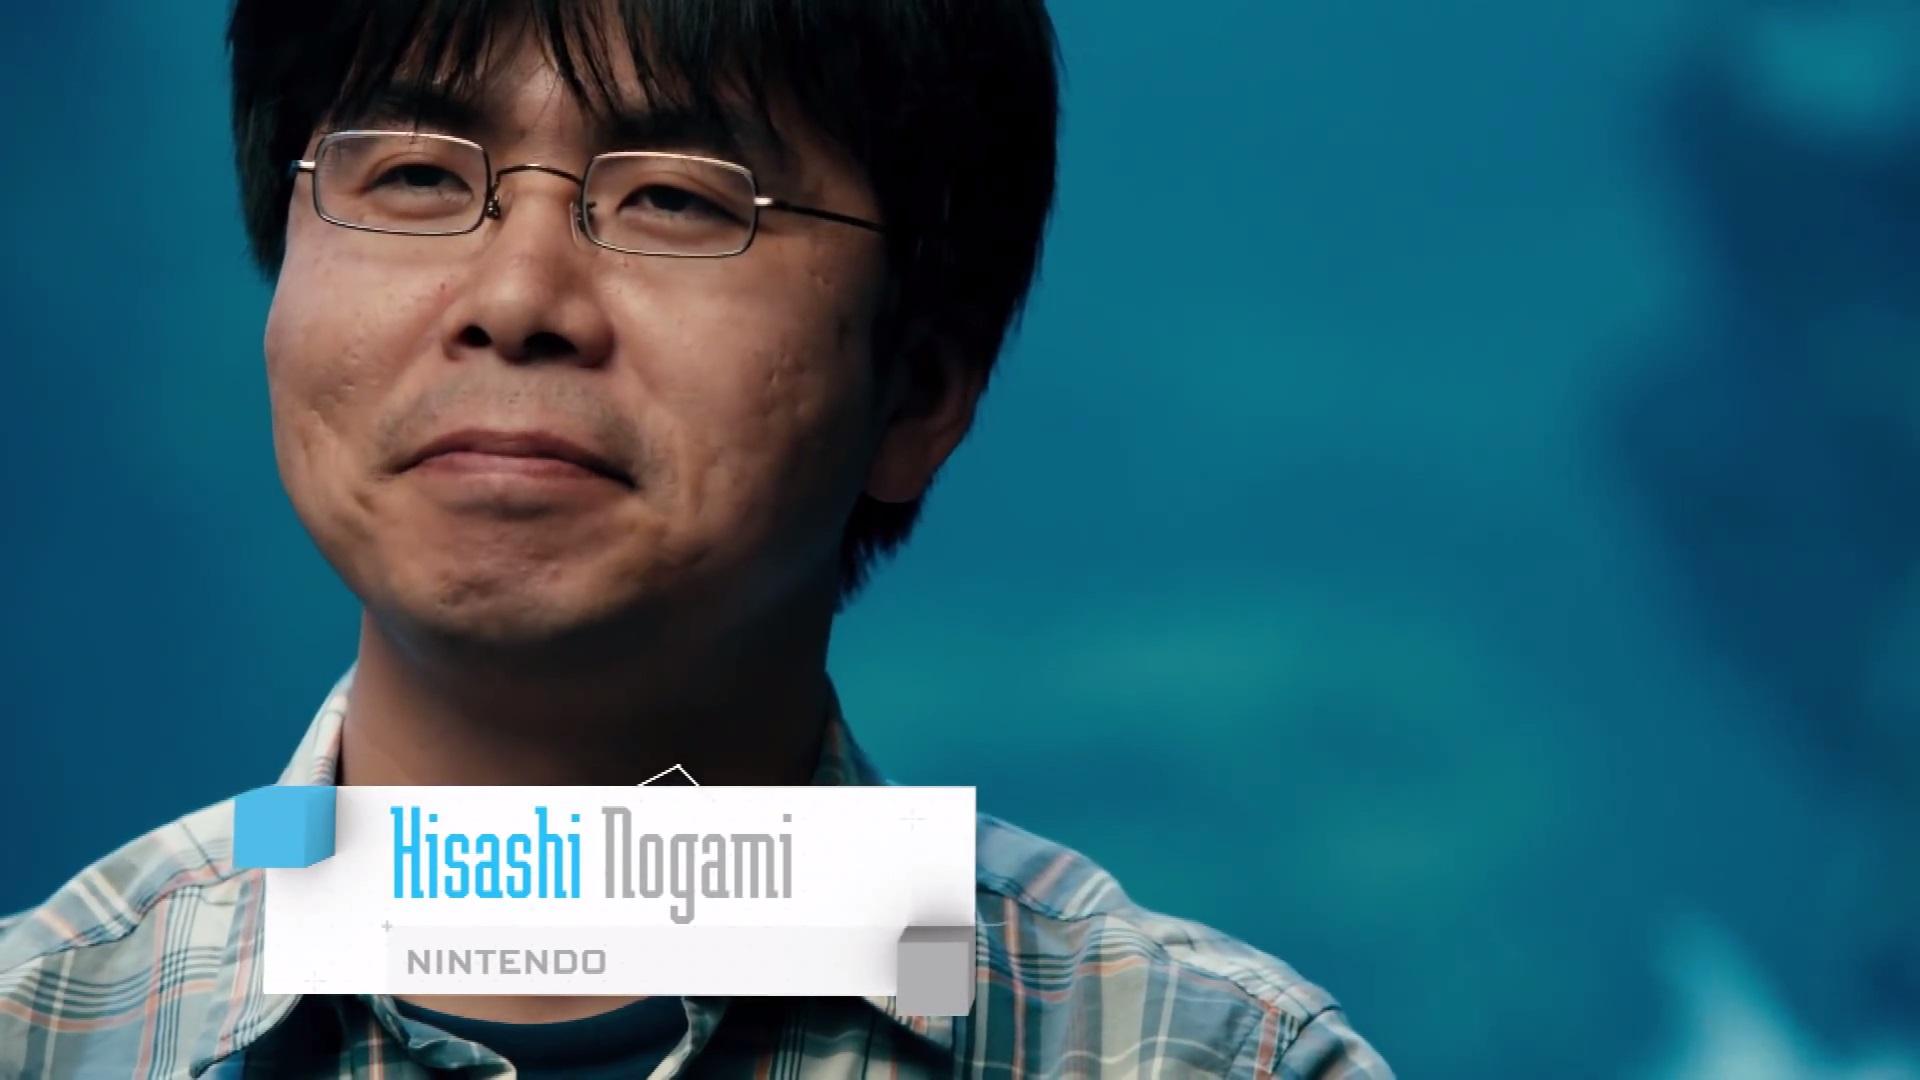 Hisashi-Nogami